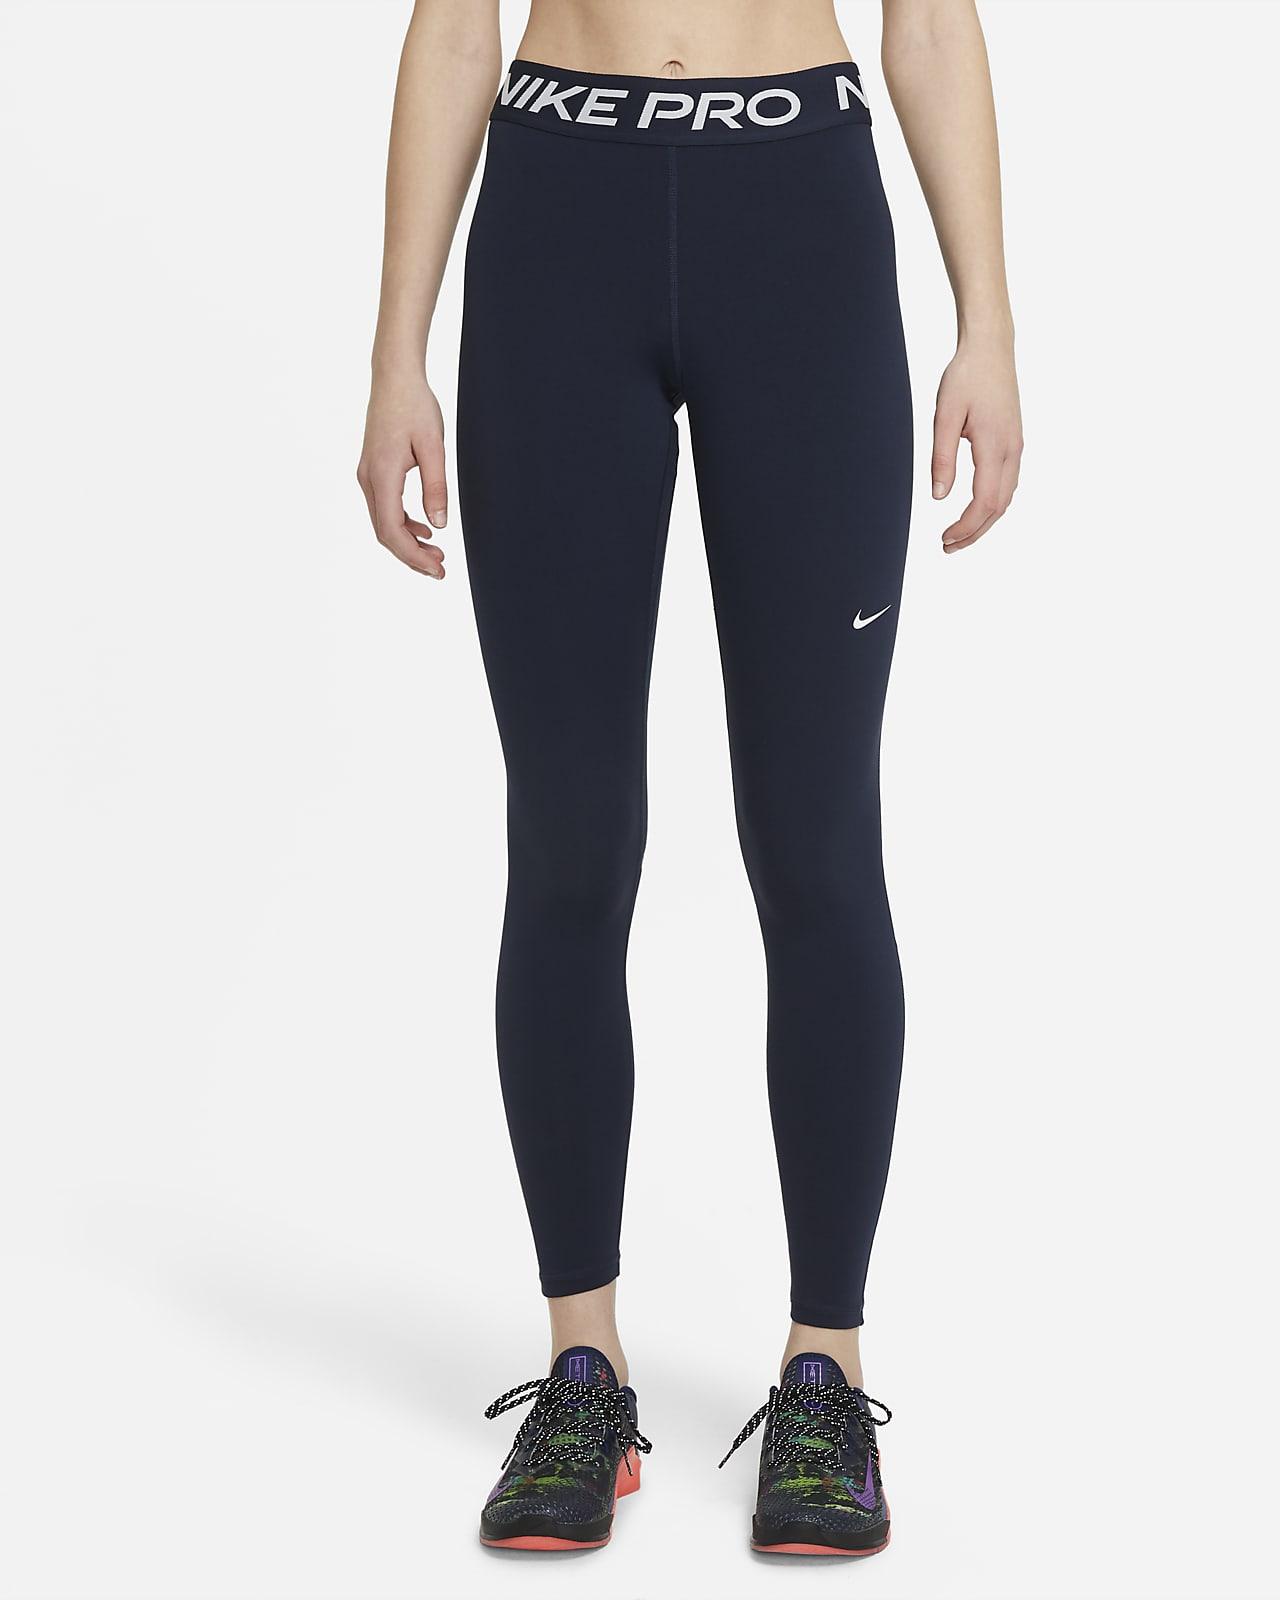 Dámské legíny Nike Pro se středně vysokým pasem